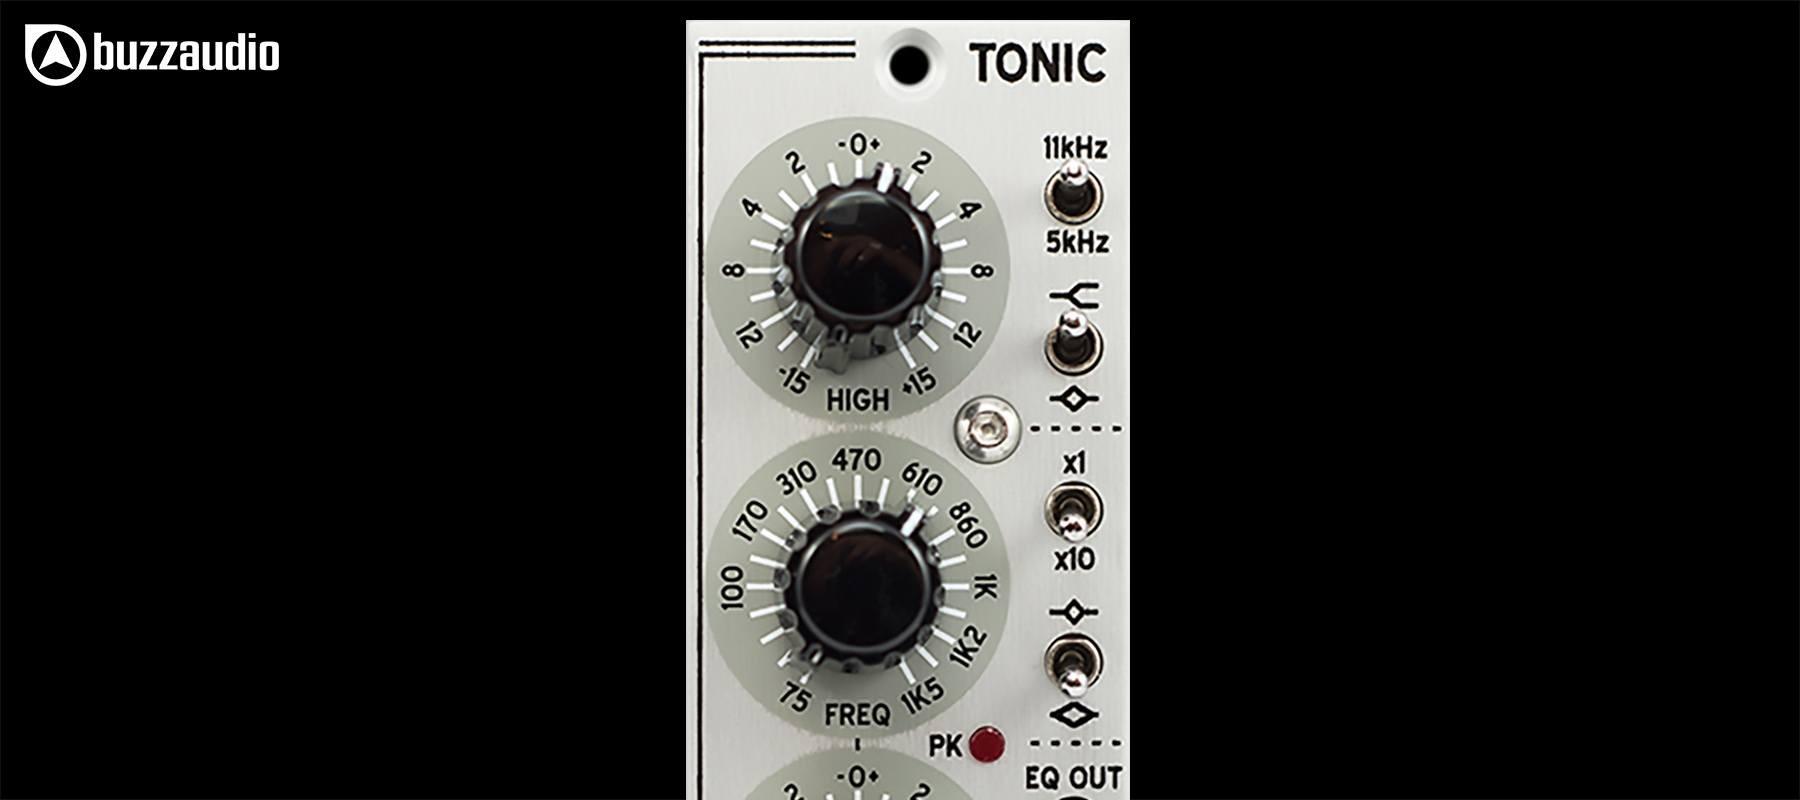 Buzz Audio TONIC - Top